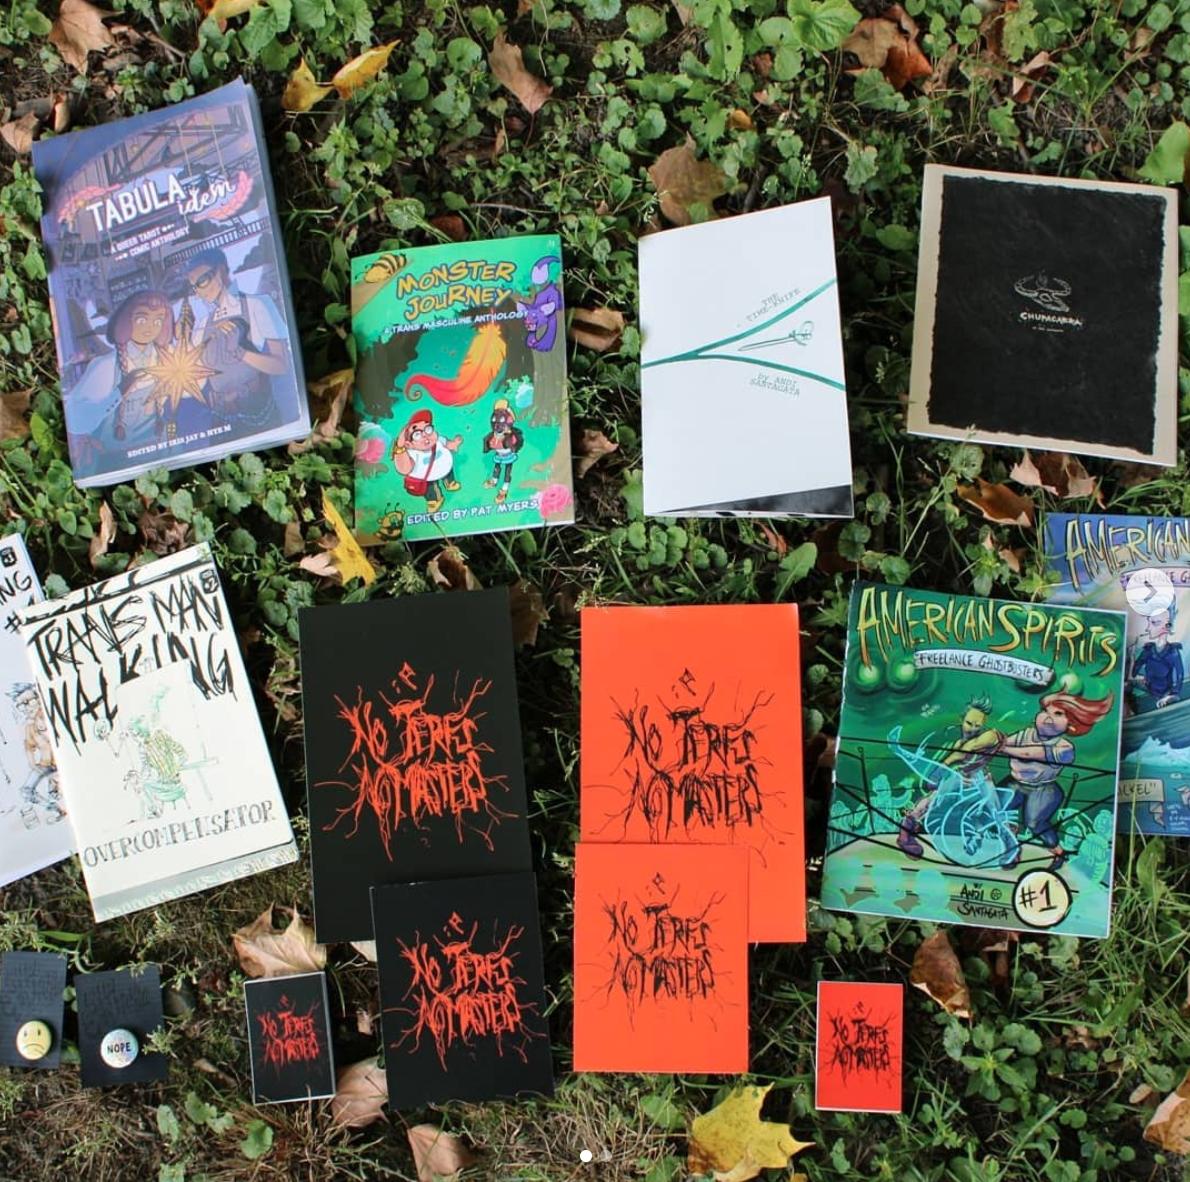 Andi Santagata books